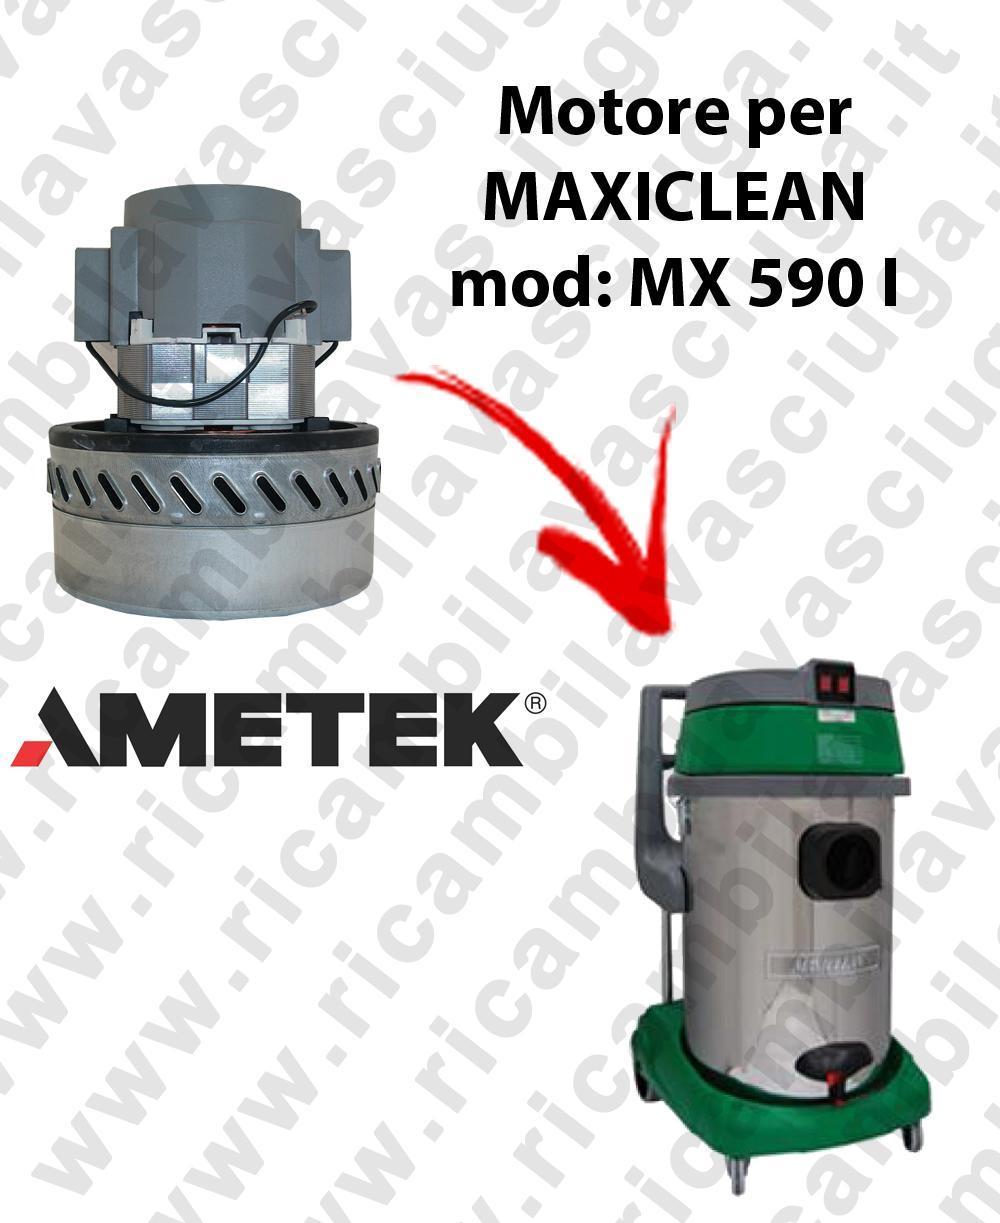 MX 590 I Motore de aspiración AMETEK para aspiradora y aspiradora húmeda MAXICLEAN